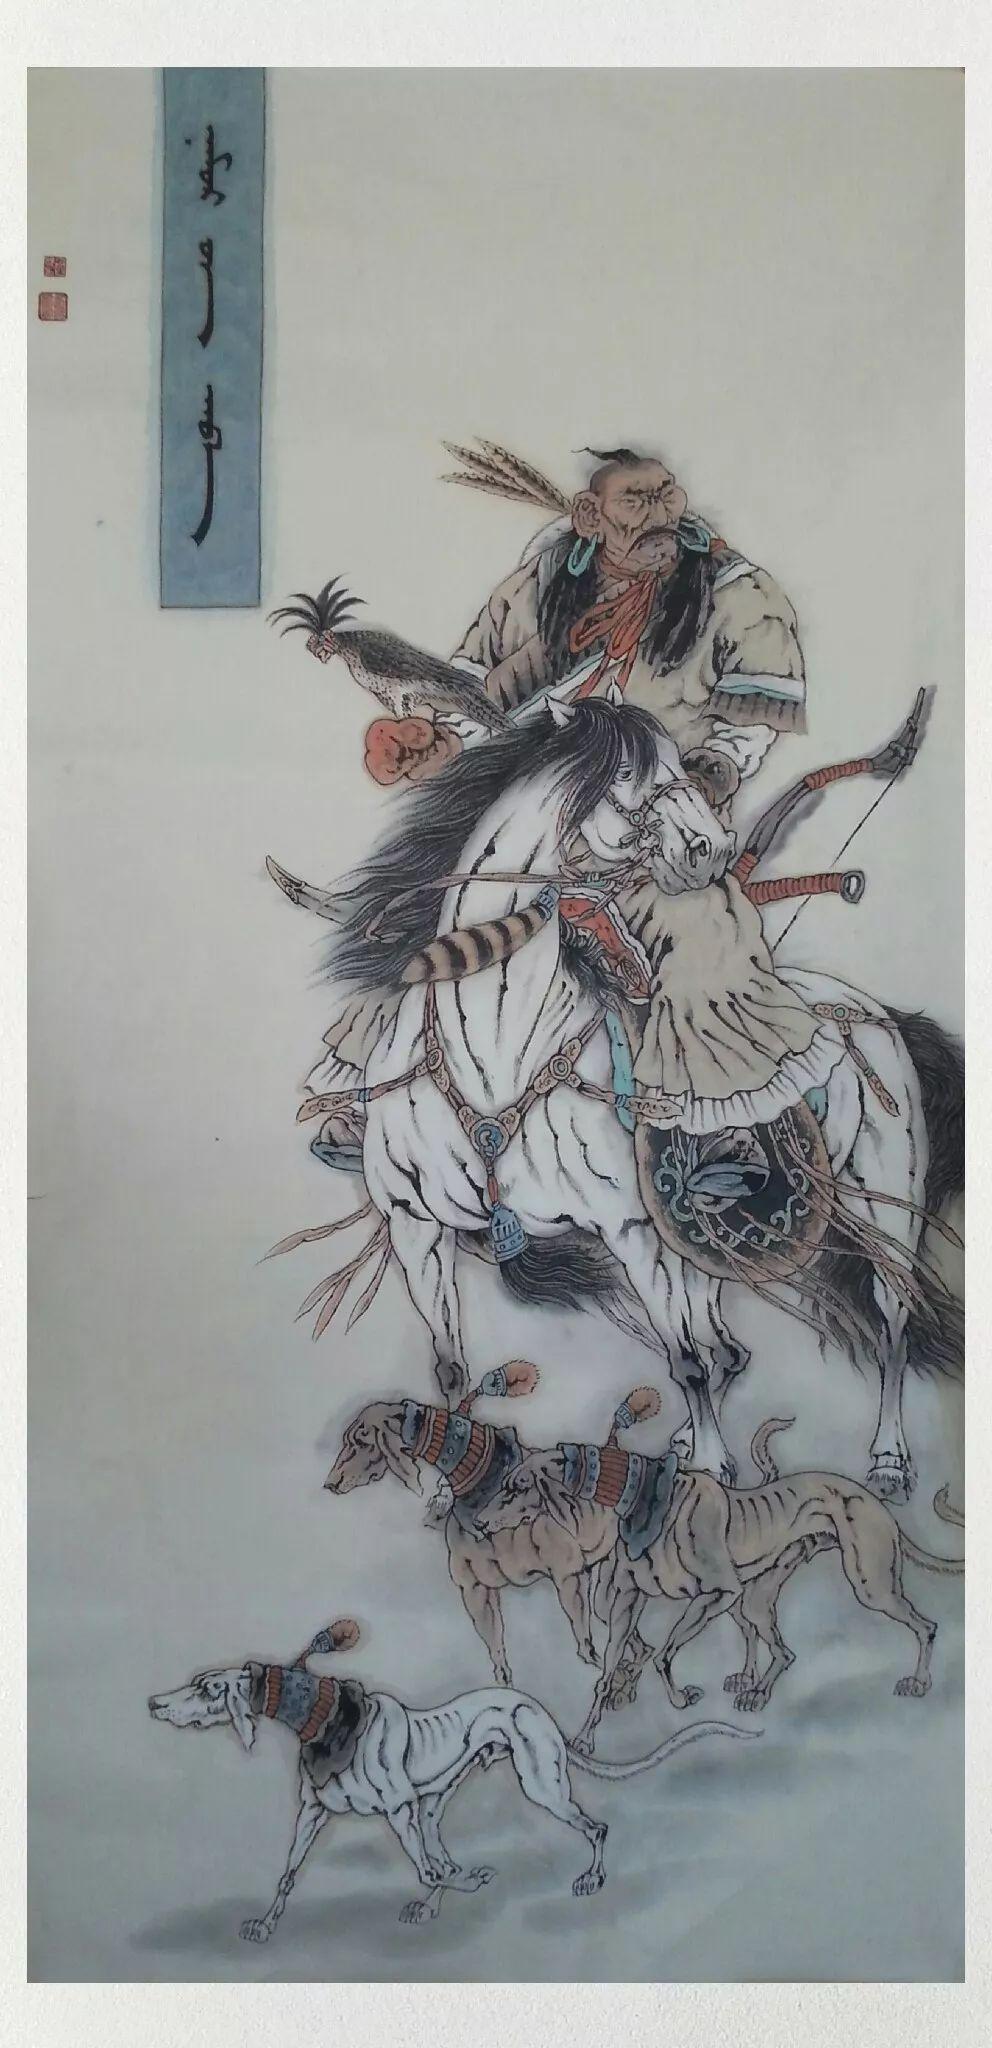 内蒙古当代美术家系列——白嘎力中国画作品选 第18张 内蒙古当代美术家系列——白嘎力中国画作品选 蒙古画廊